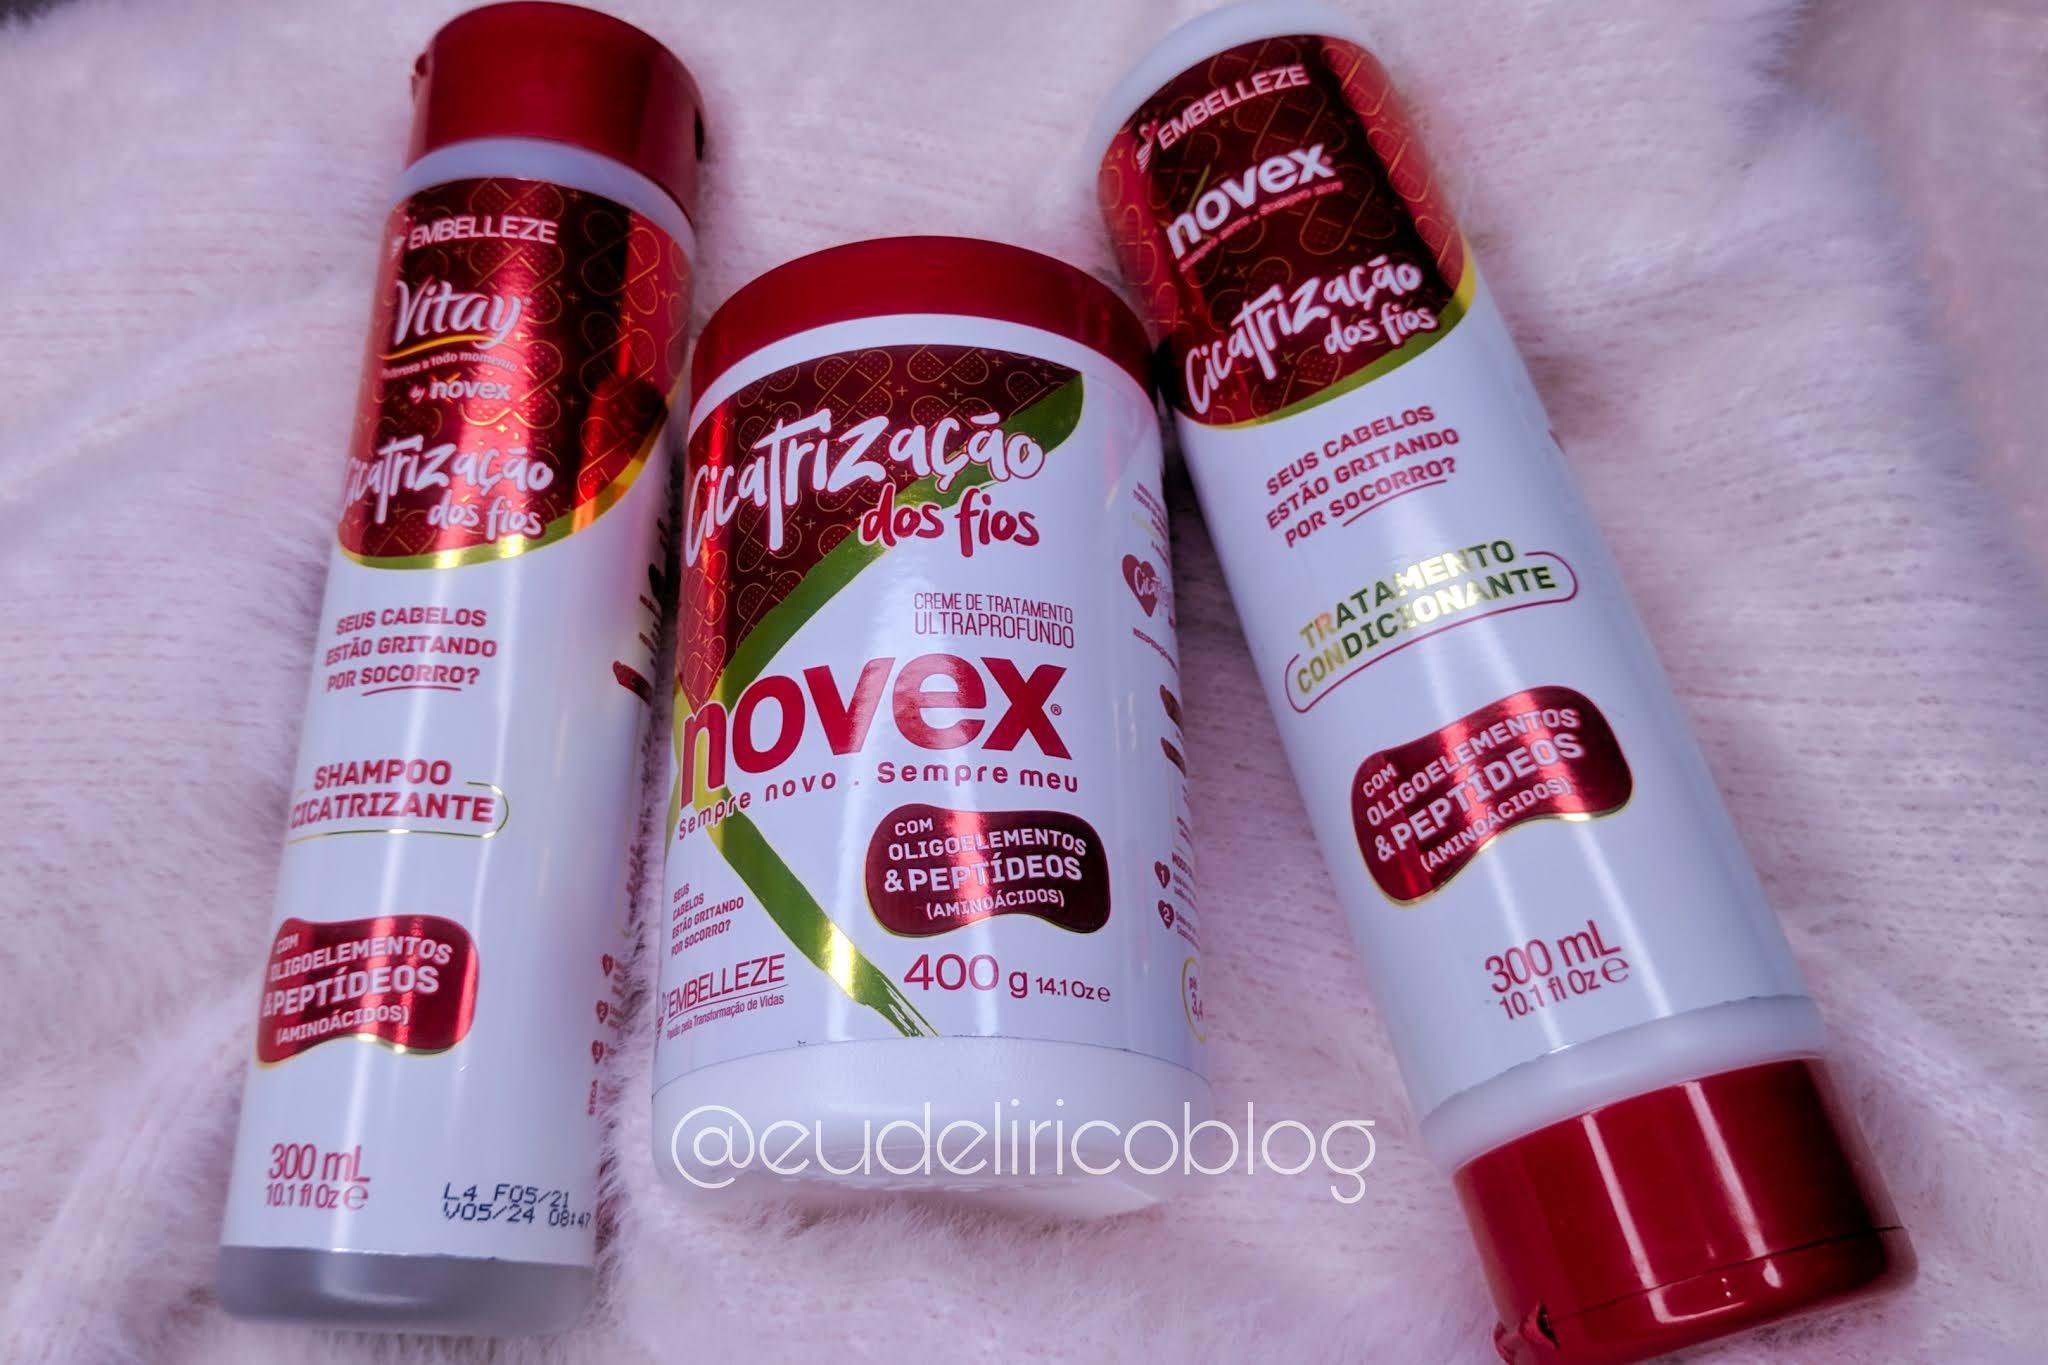 Shampoo, Creme de Tratamento e Condicionador Cicatrização dos Fios da Embelleze